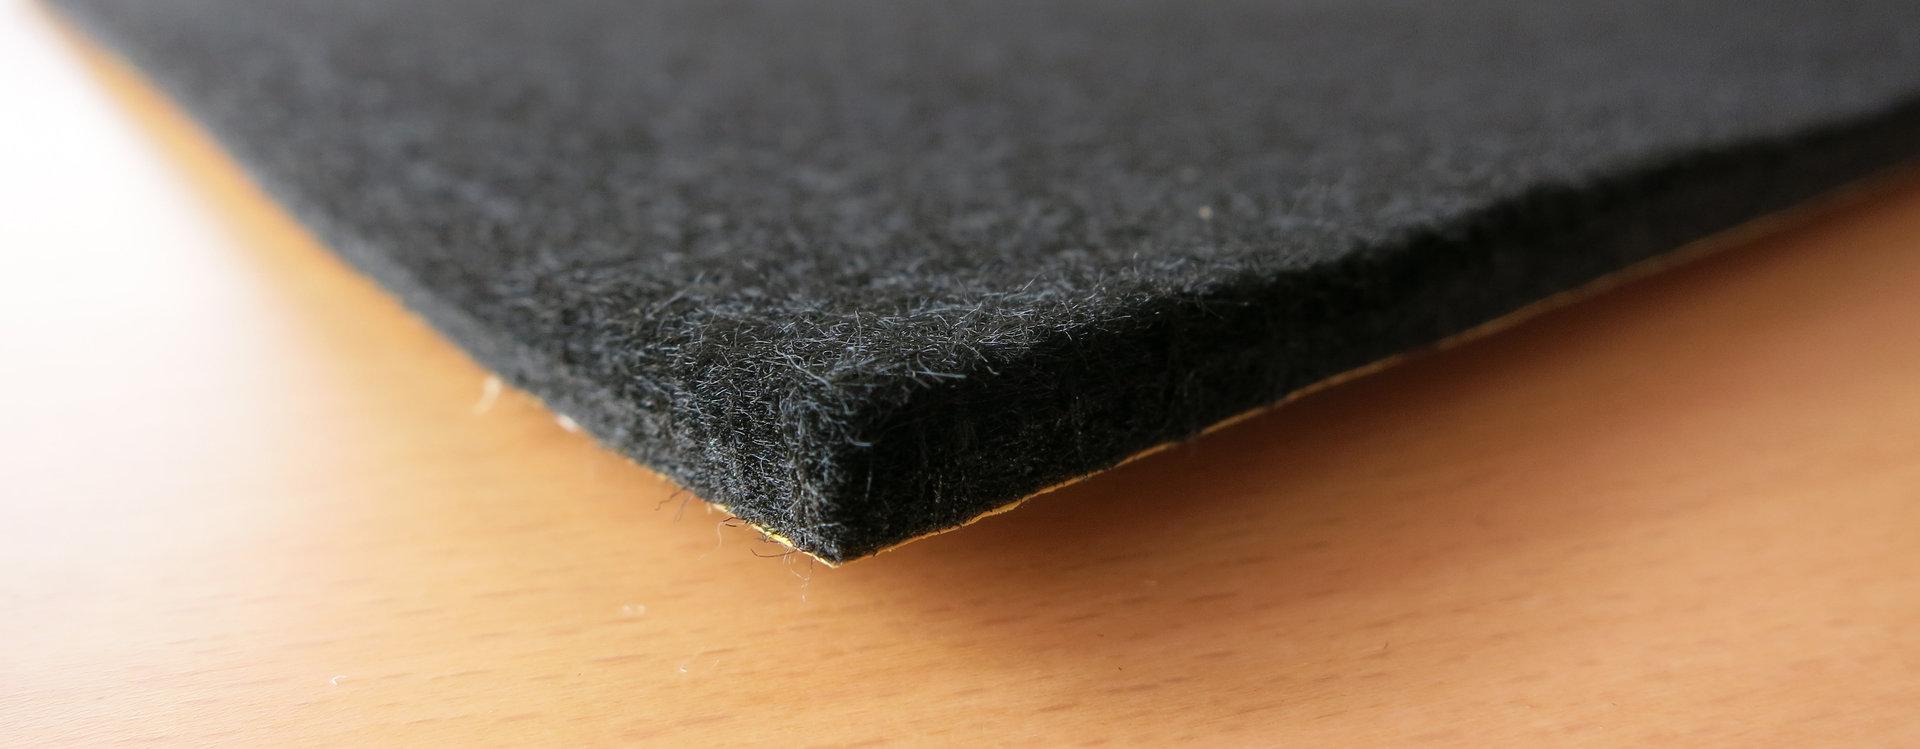 filzgleiter din formate 6mm dick filz in premiumqualit t. Black Bedroom Furniture Sets. Home Design Ideas